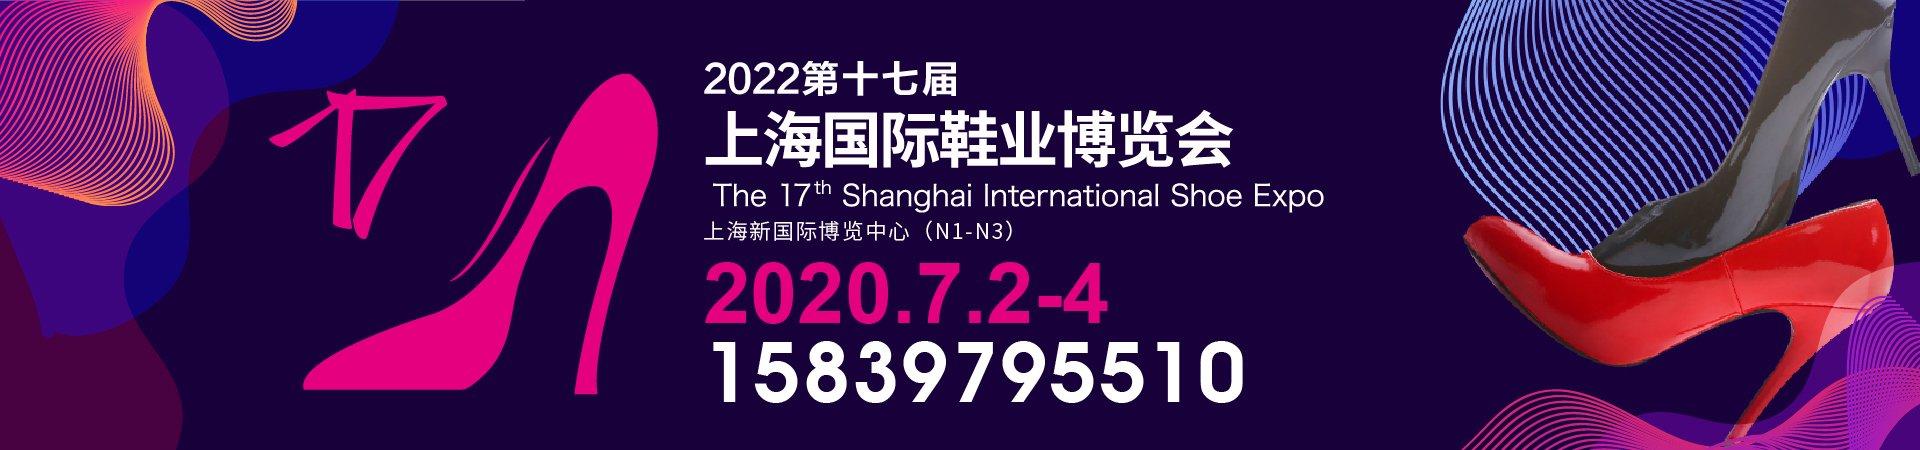 2020第17届上海国际鞋业博览会